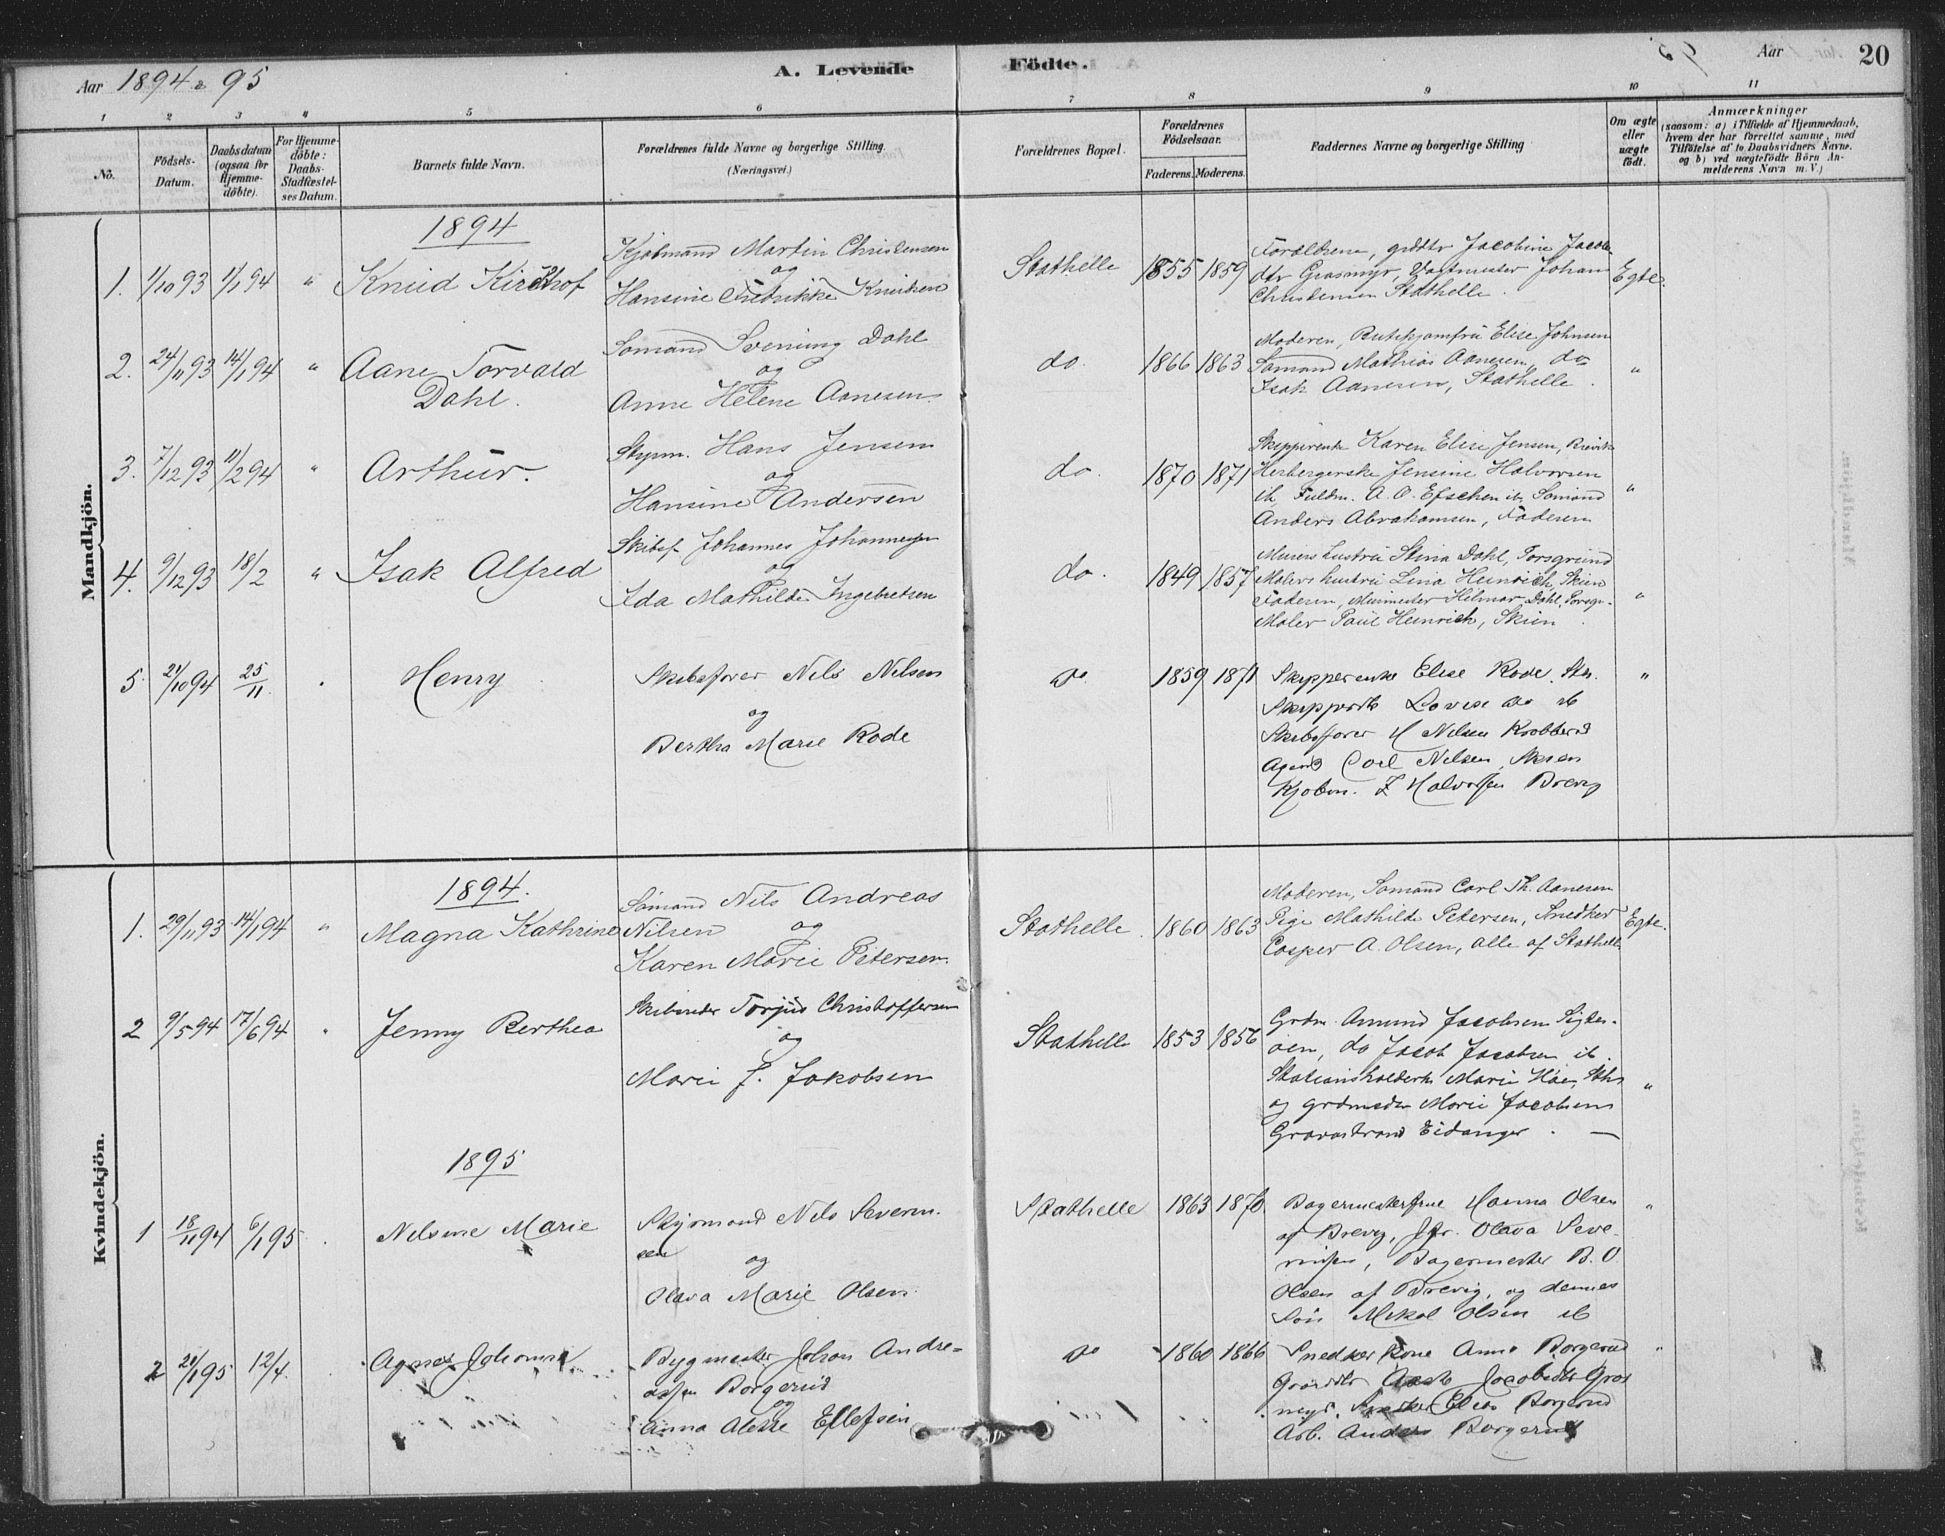 SAKO, Bamble kirkebøker, F/Fb/L0001: Ministerialbok nr. II 1, 1878-1899, s. 20